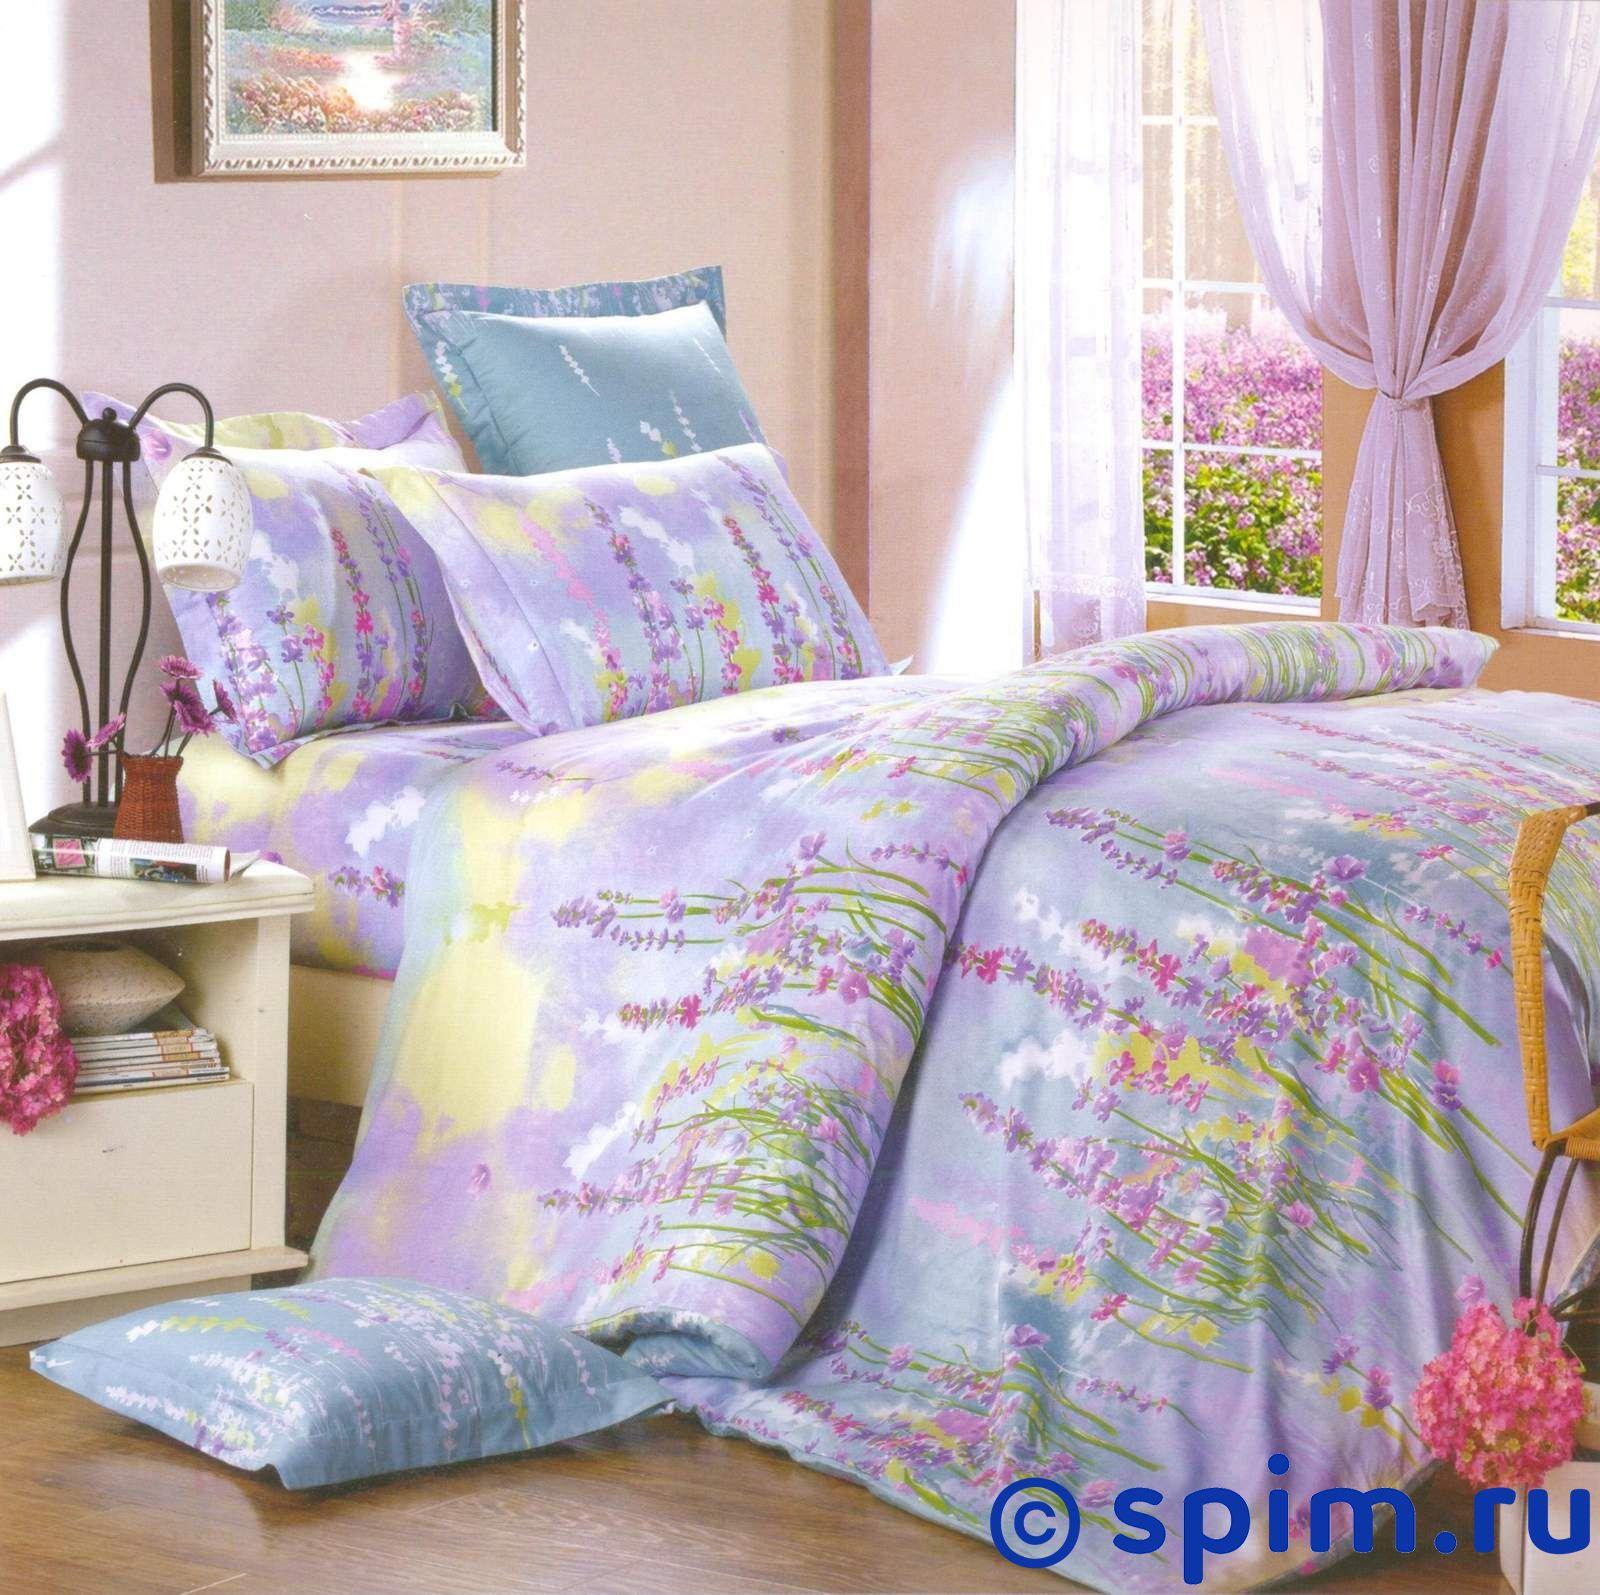 Комплект СайлиД В143 1.5 спальное